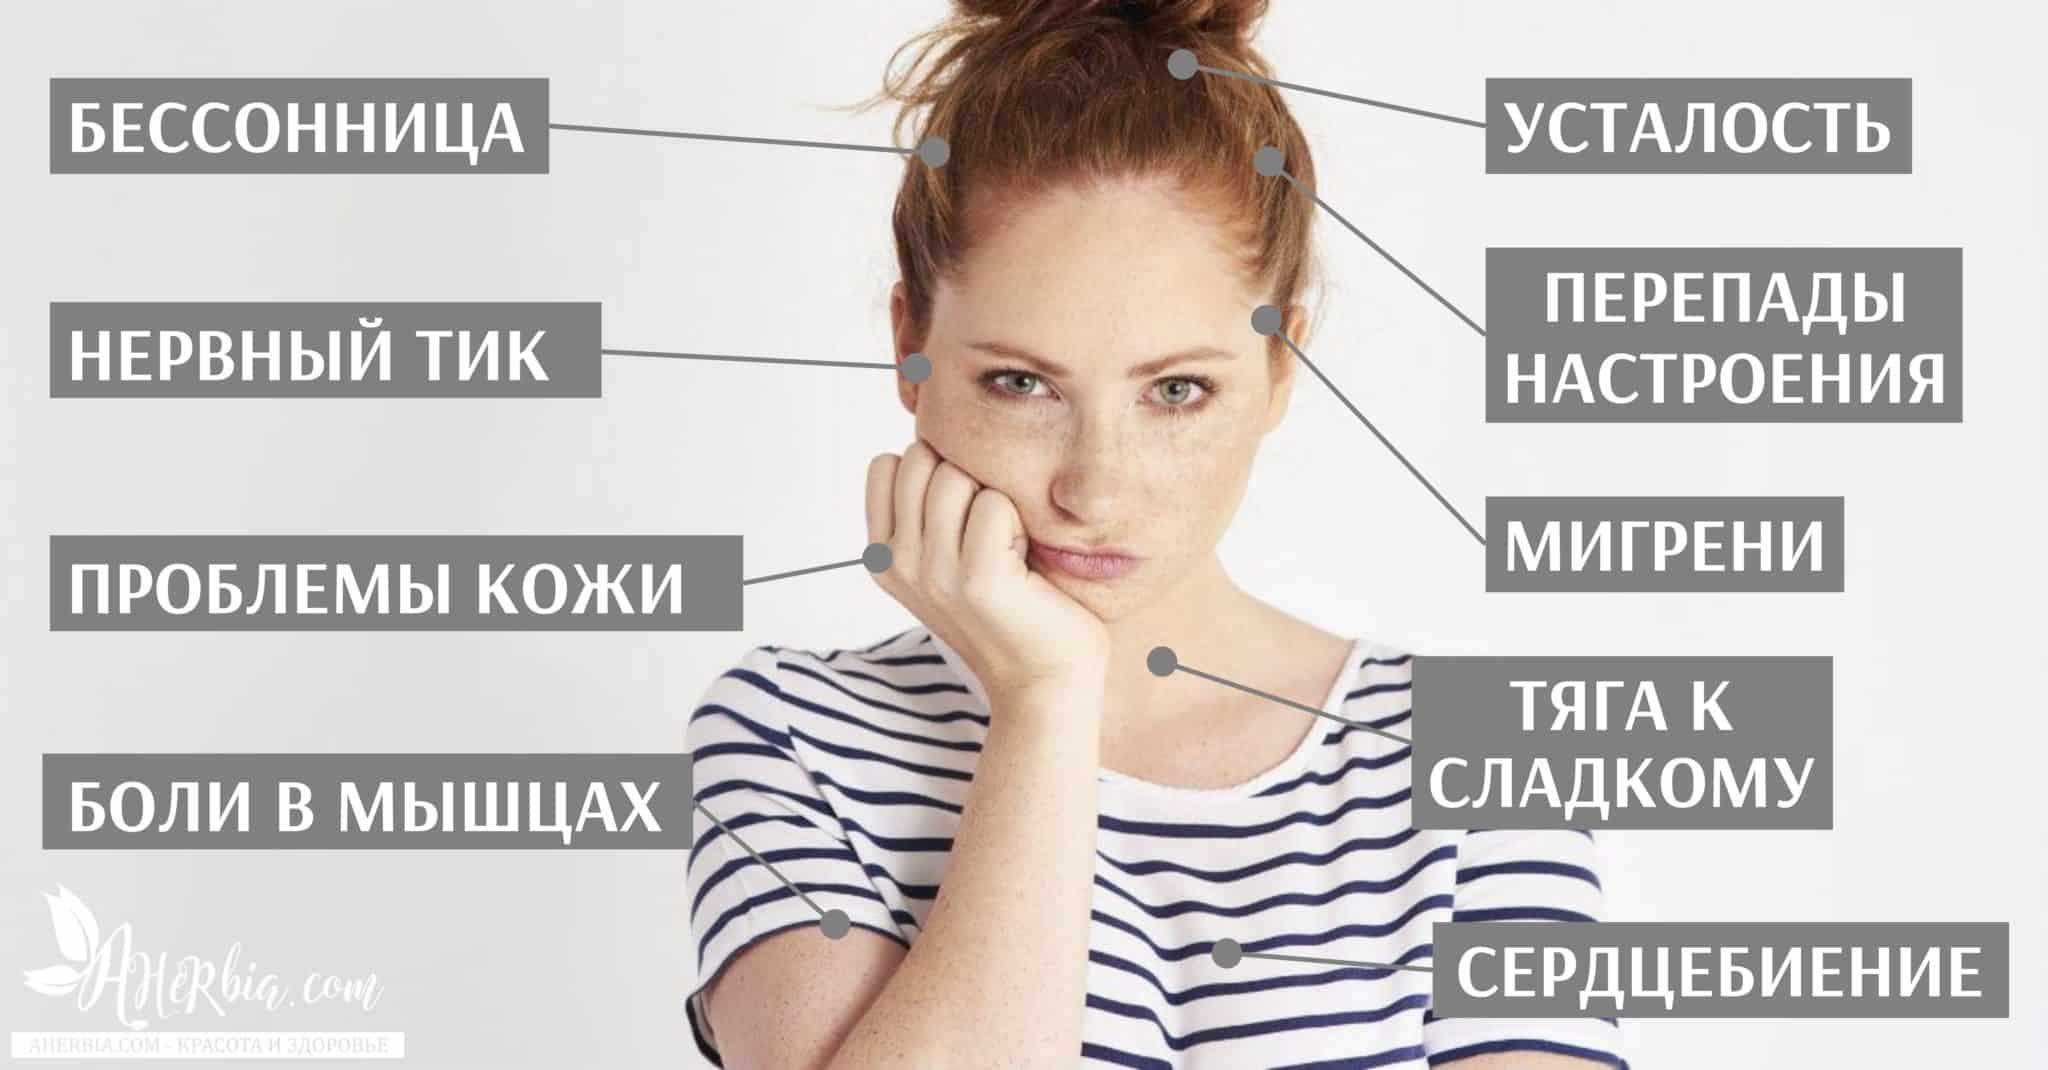 дефицит магния симптомы недостатка